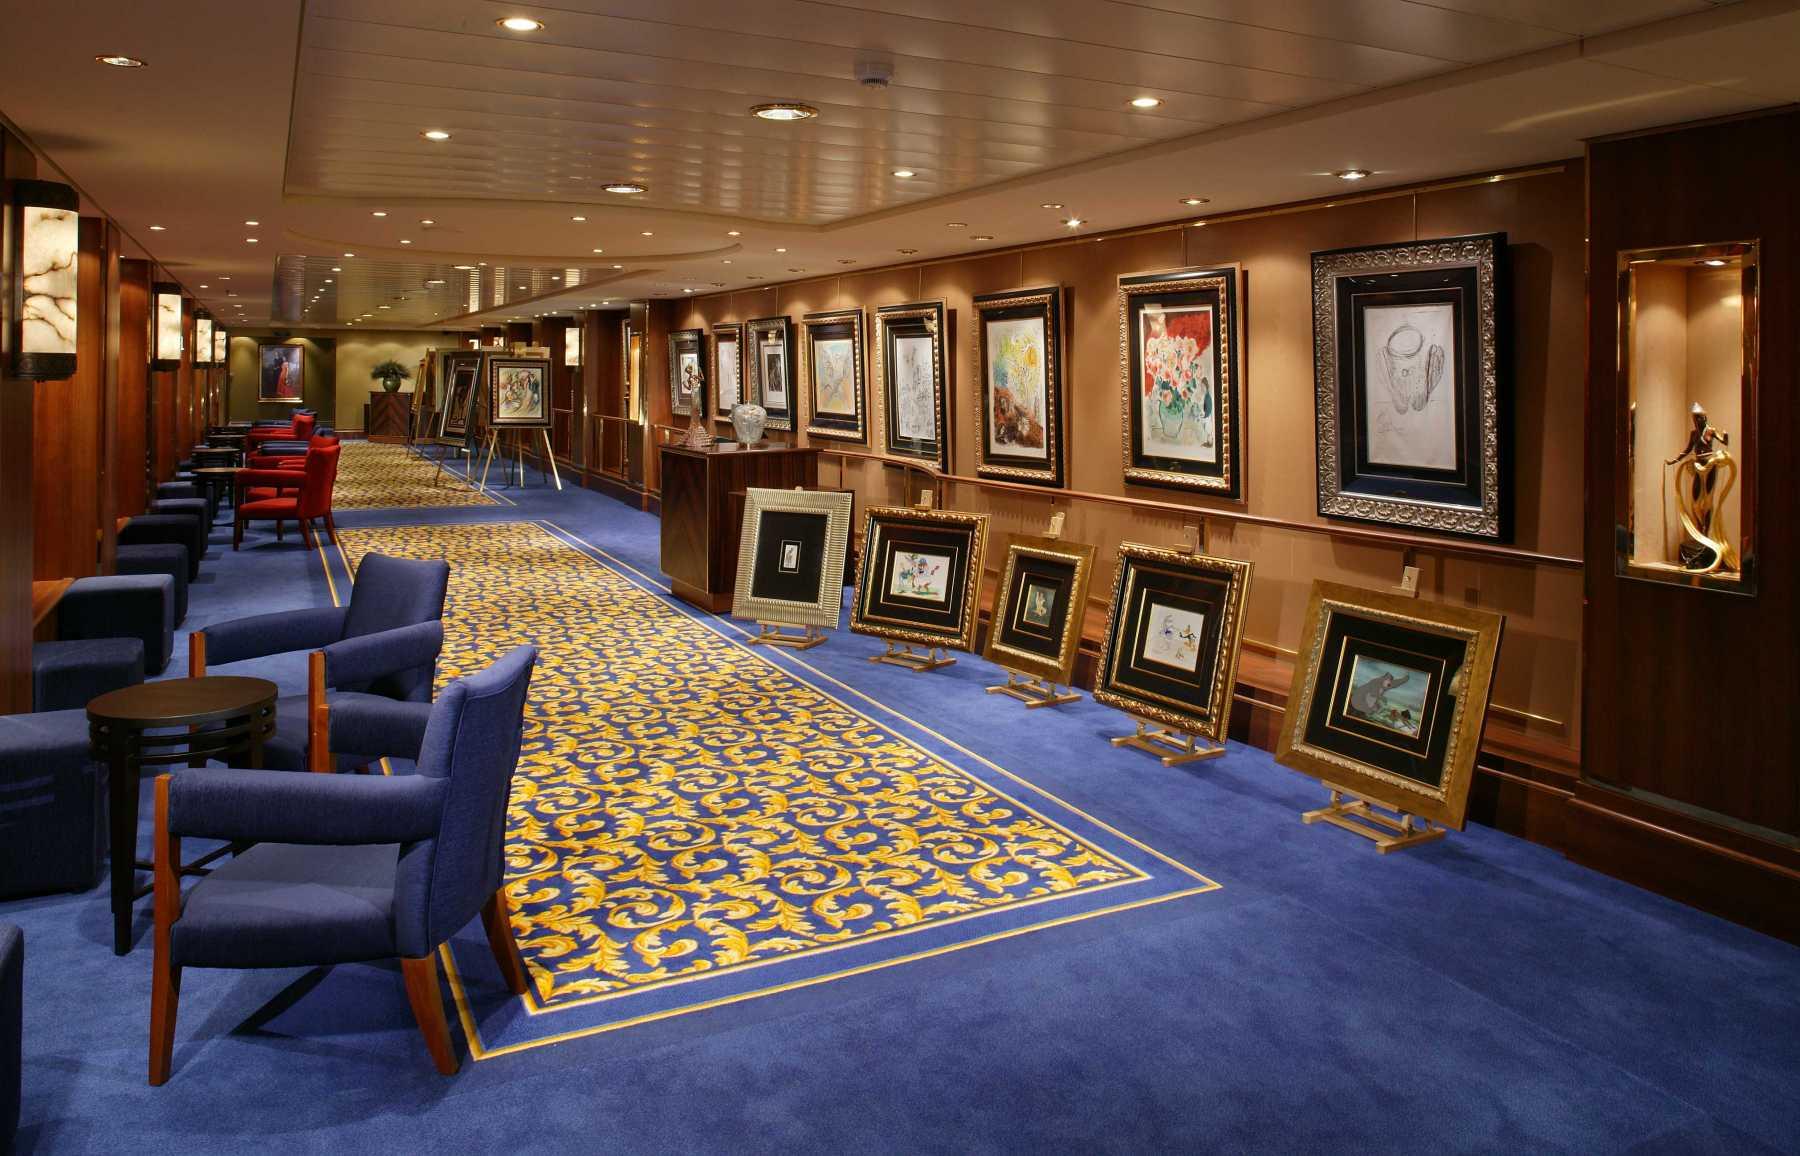 Cunard Line Queen Mary 2 Art Gallery 1.JPG